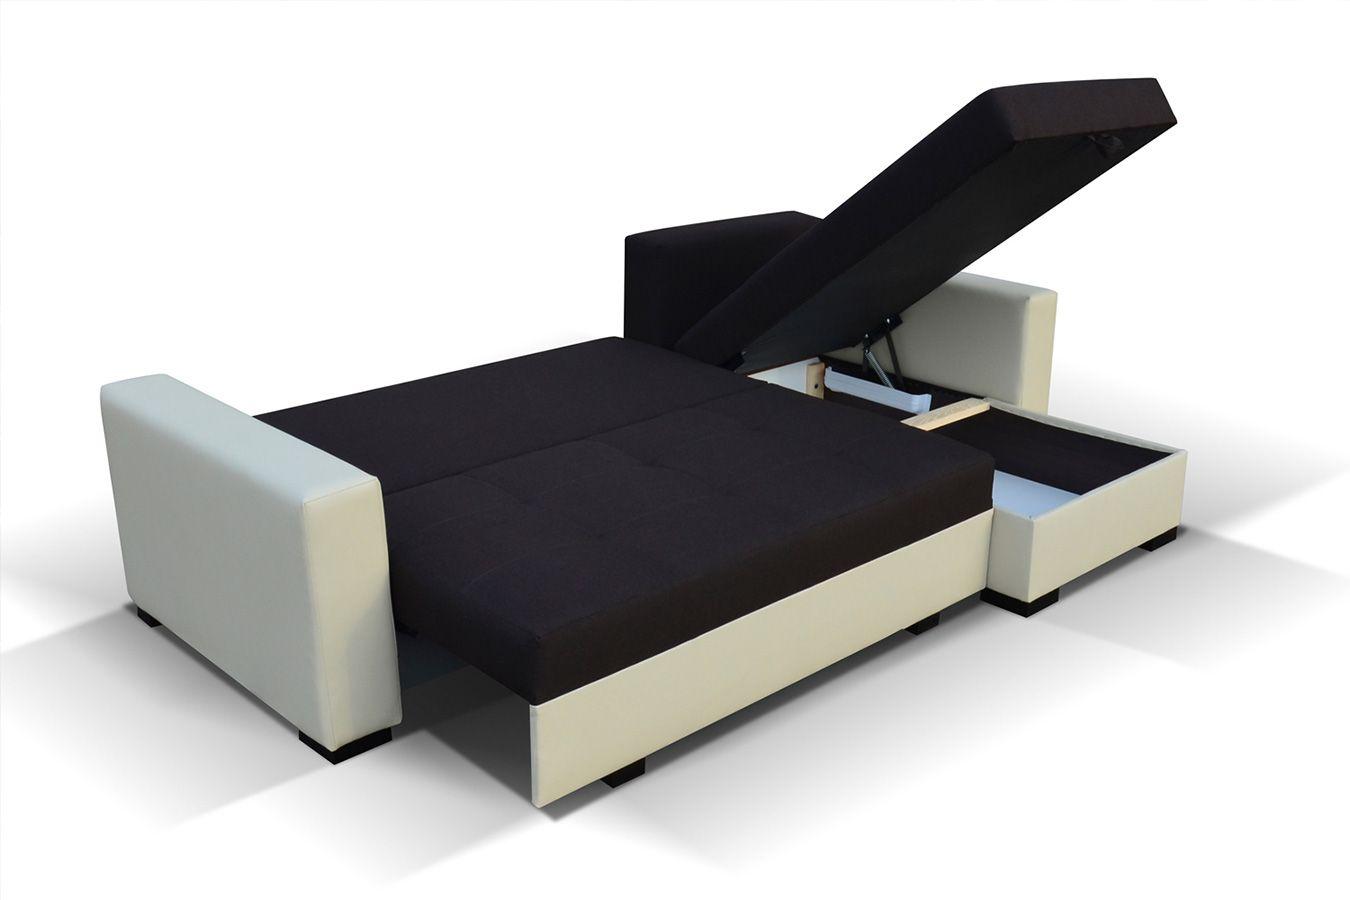 Meuble De Salon Canape Canape D Angle Noir Et Blanc Sofamobili Canape Angle Canape Angle Convertible Canape Angle Noir